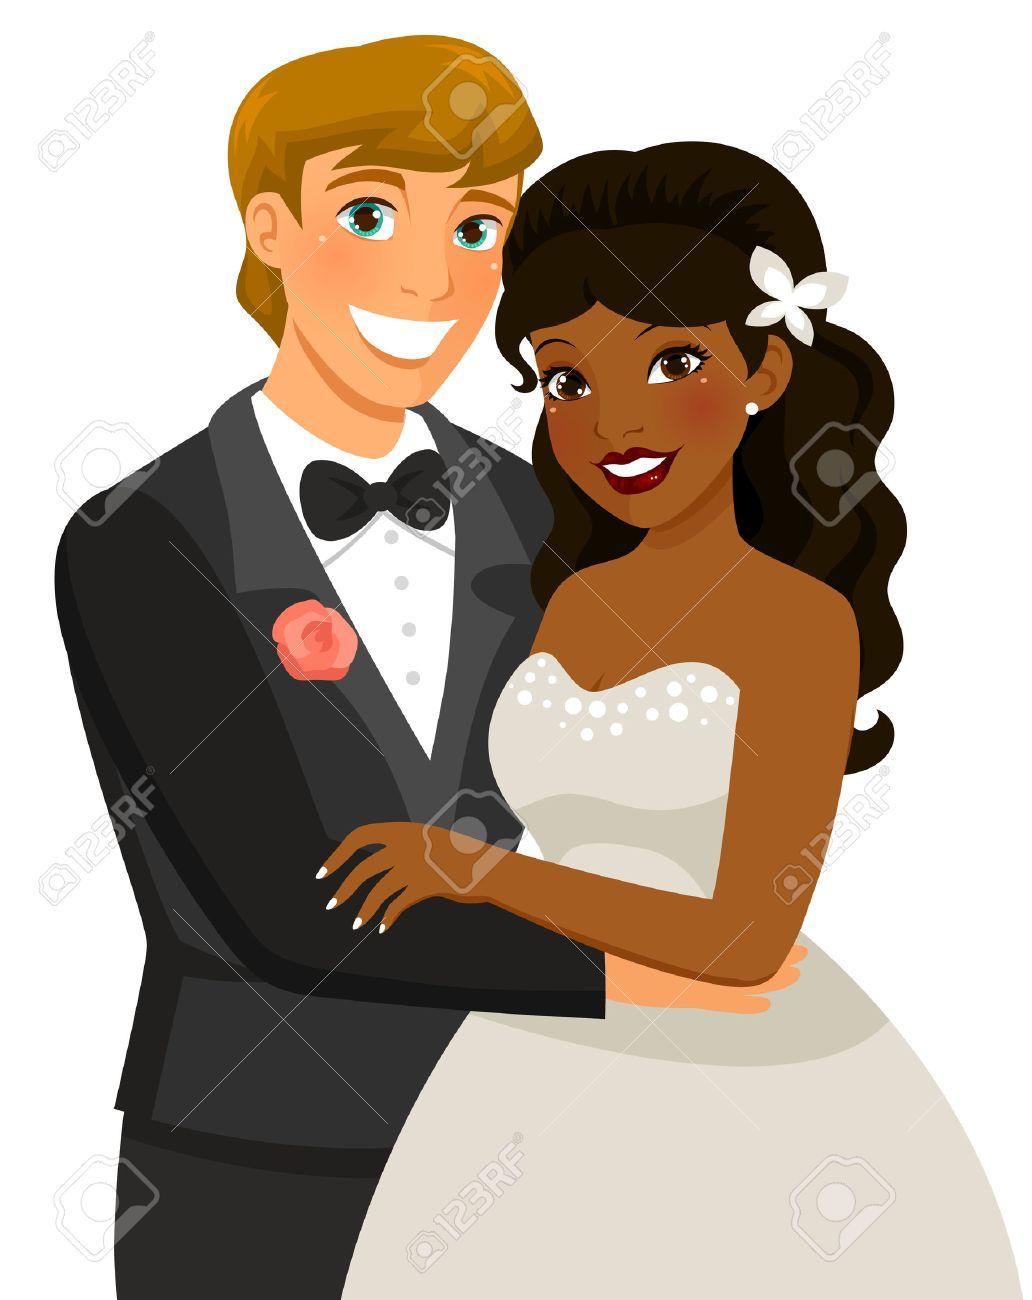 Le conjoint étranger et le bénéfice du regroupement familial